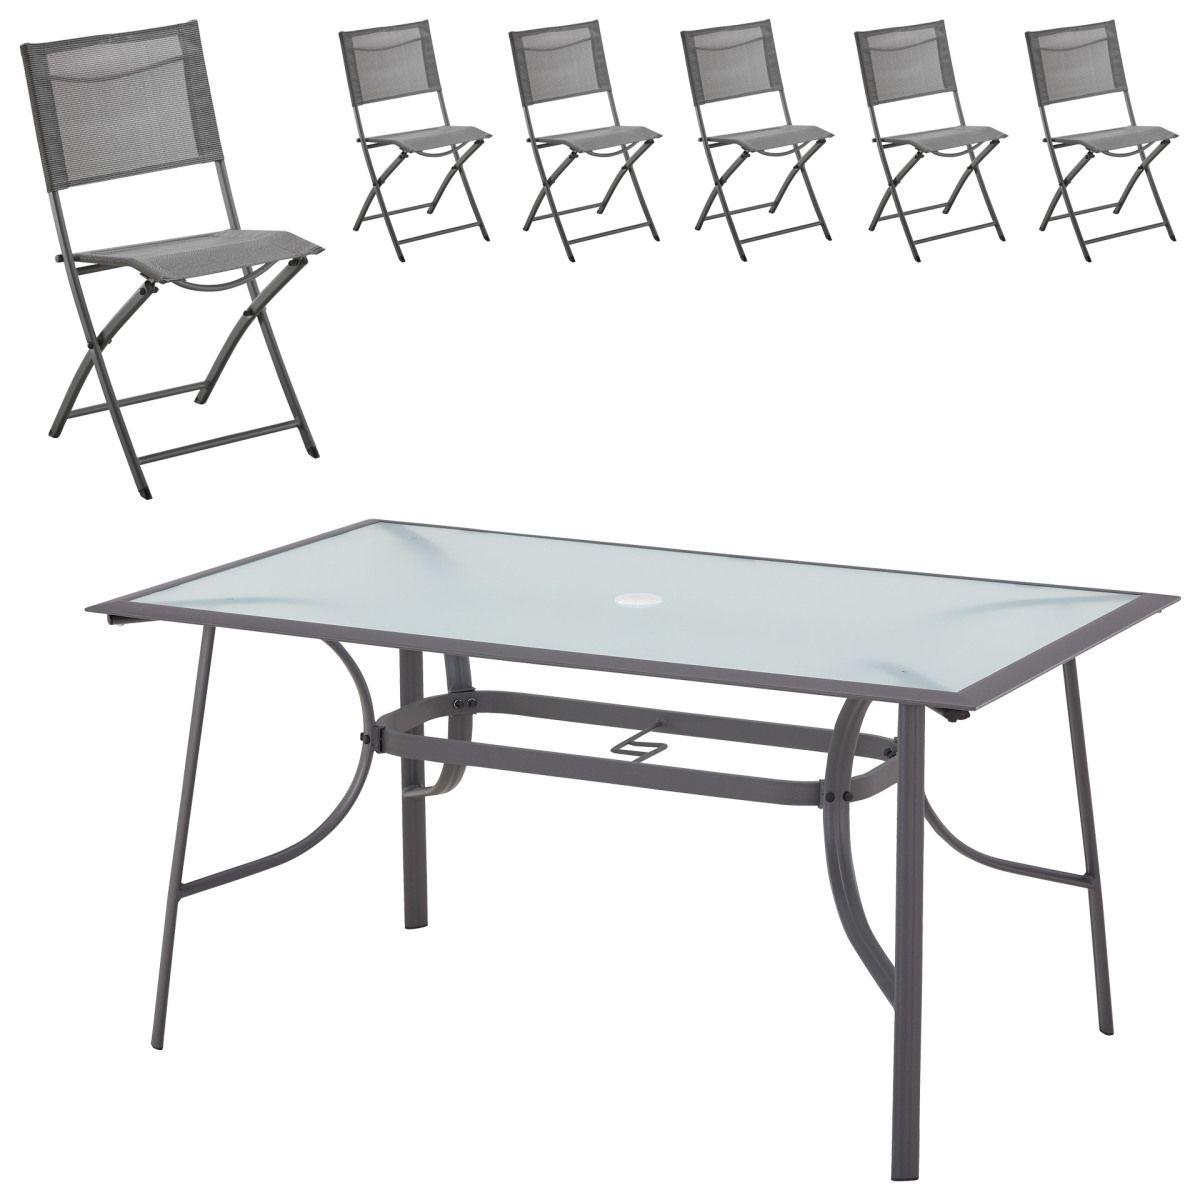 Gartenmöbel-Set Mexico (1 Tisch, 6 Klappstühle) Jetzt bestellen ...